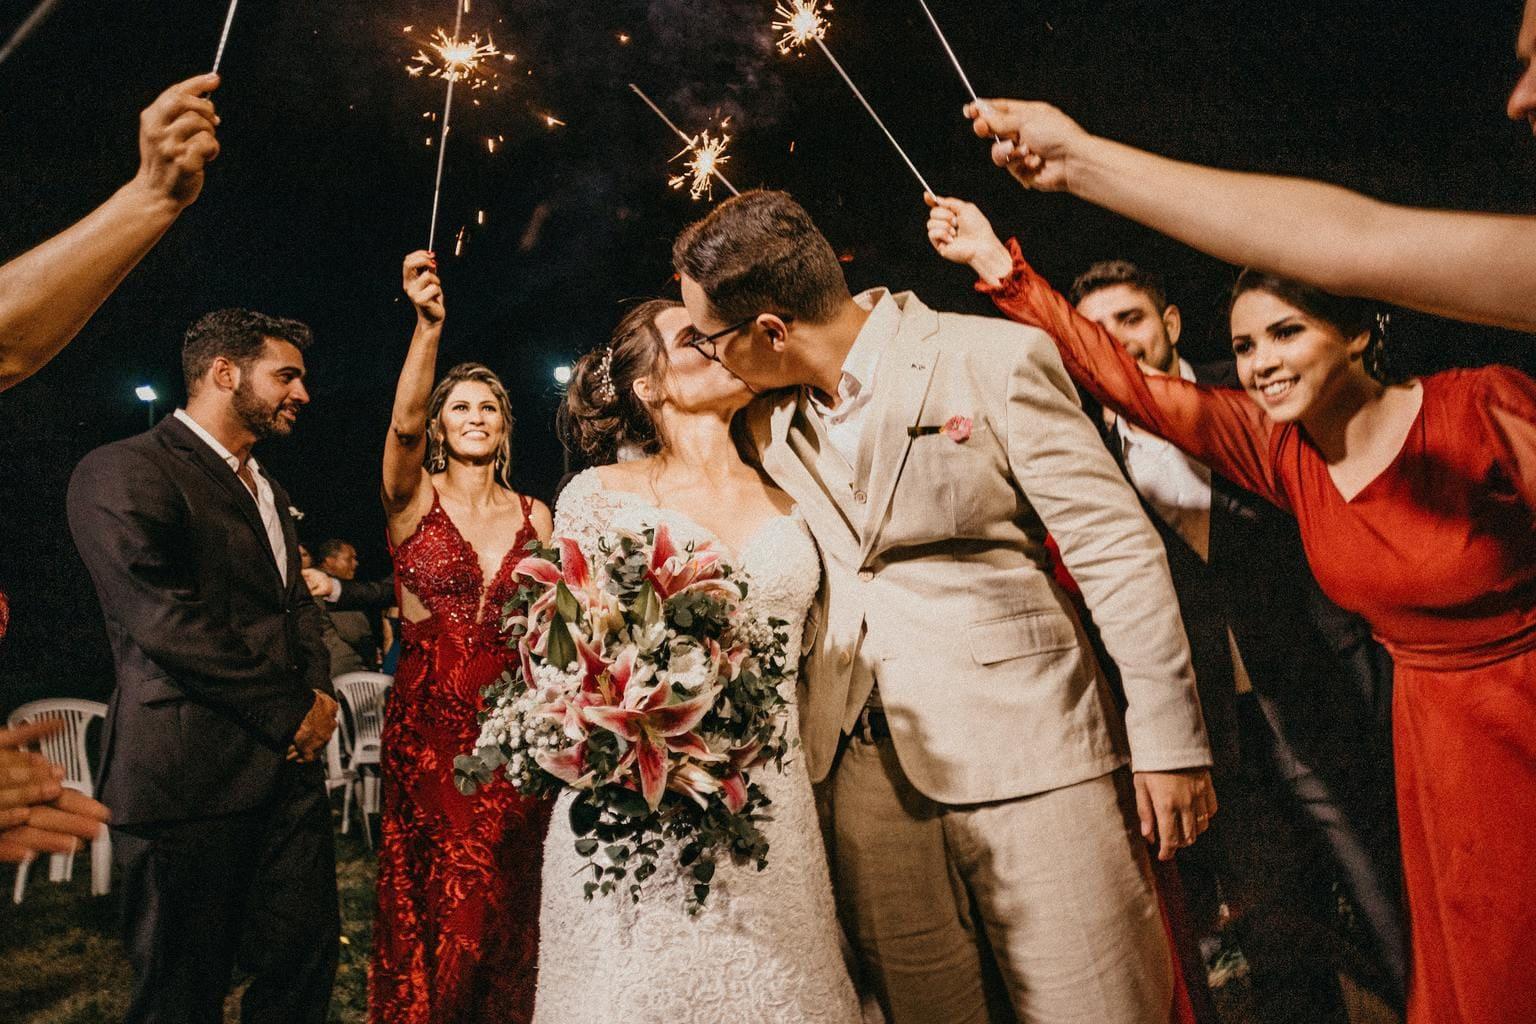 novios besándose bajo las bengalas de los invitados en el baile